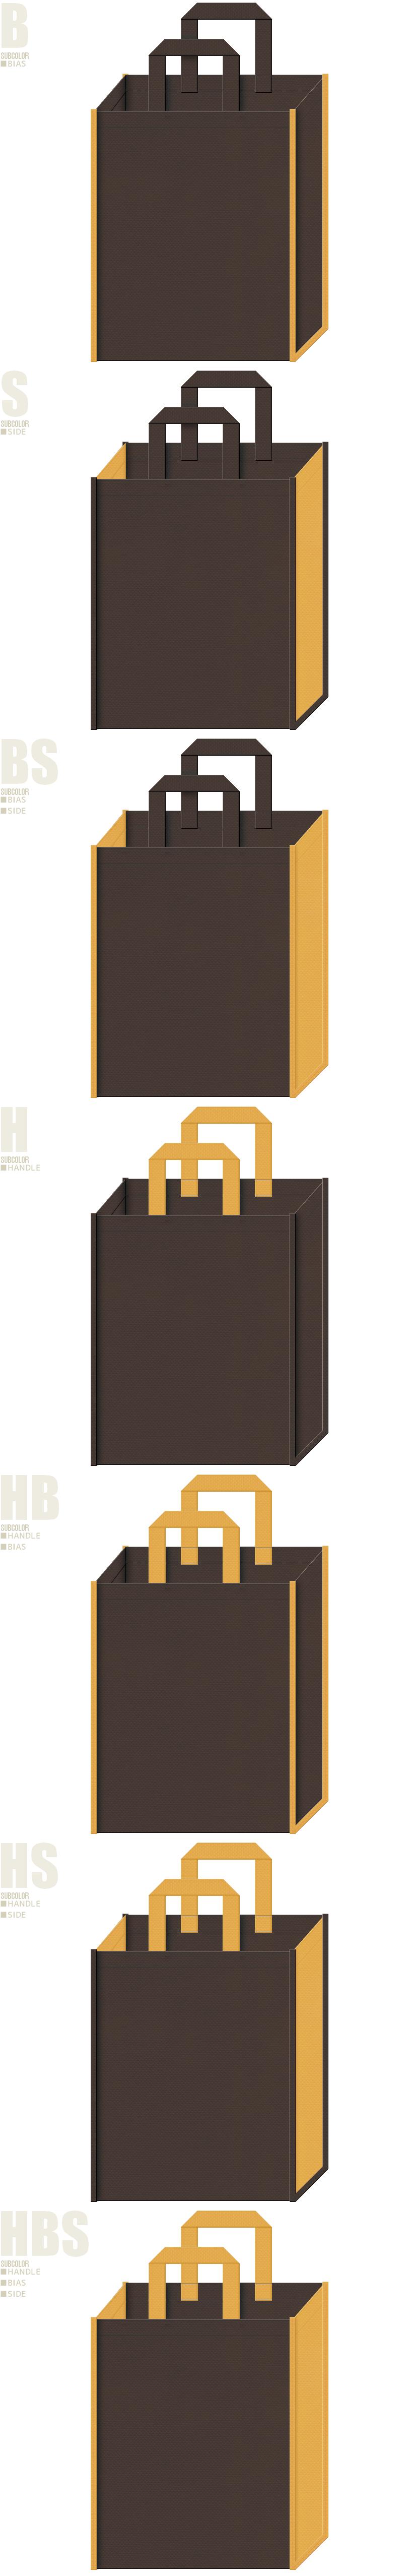 こげ茶色と黄土色、7パターンの不織布トートバッグ配色デザイン例。コーヒー用品・スイーツ・木製インテリアの展示会用バッグにお奨めです。